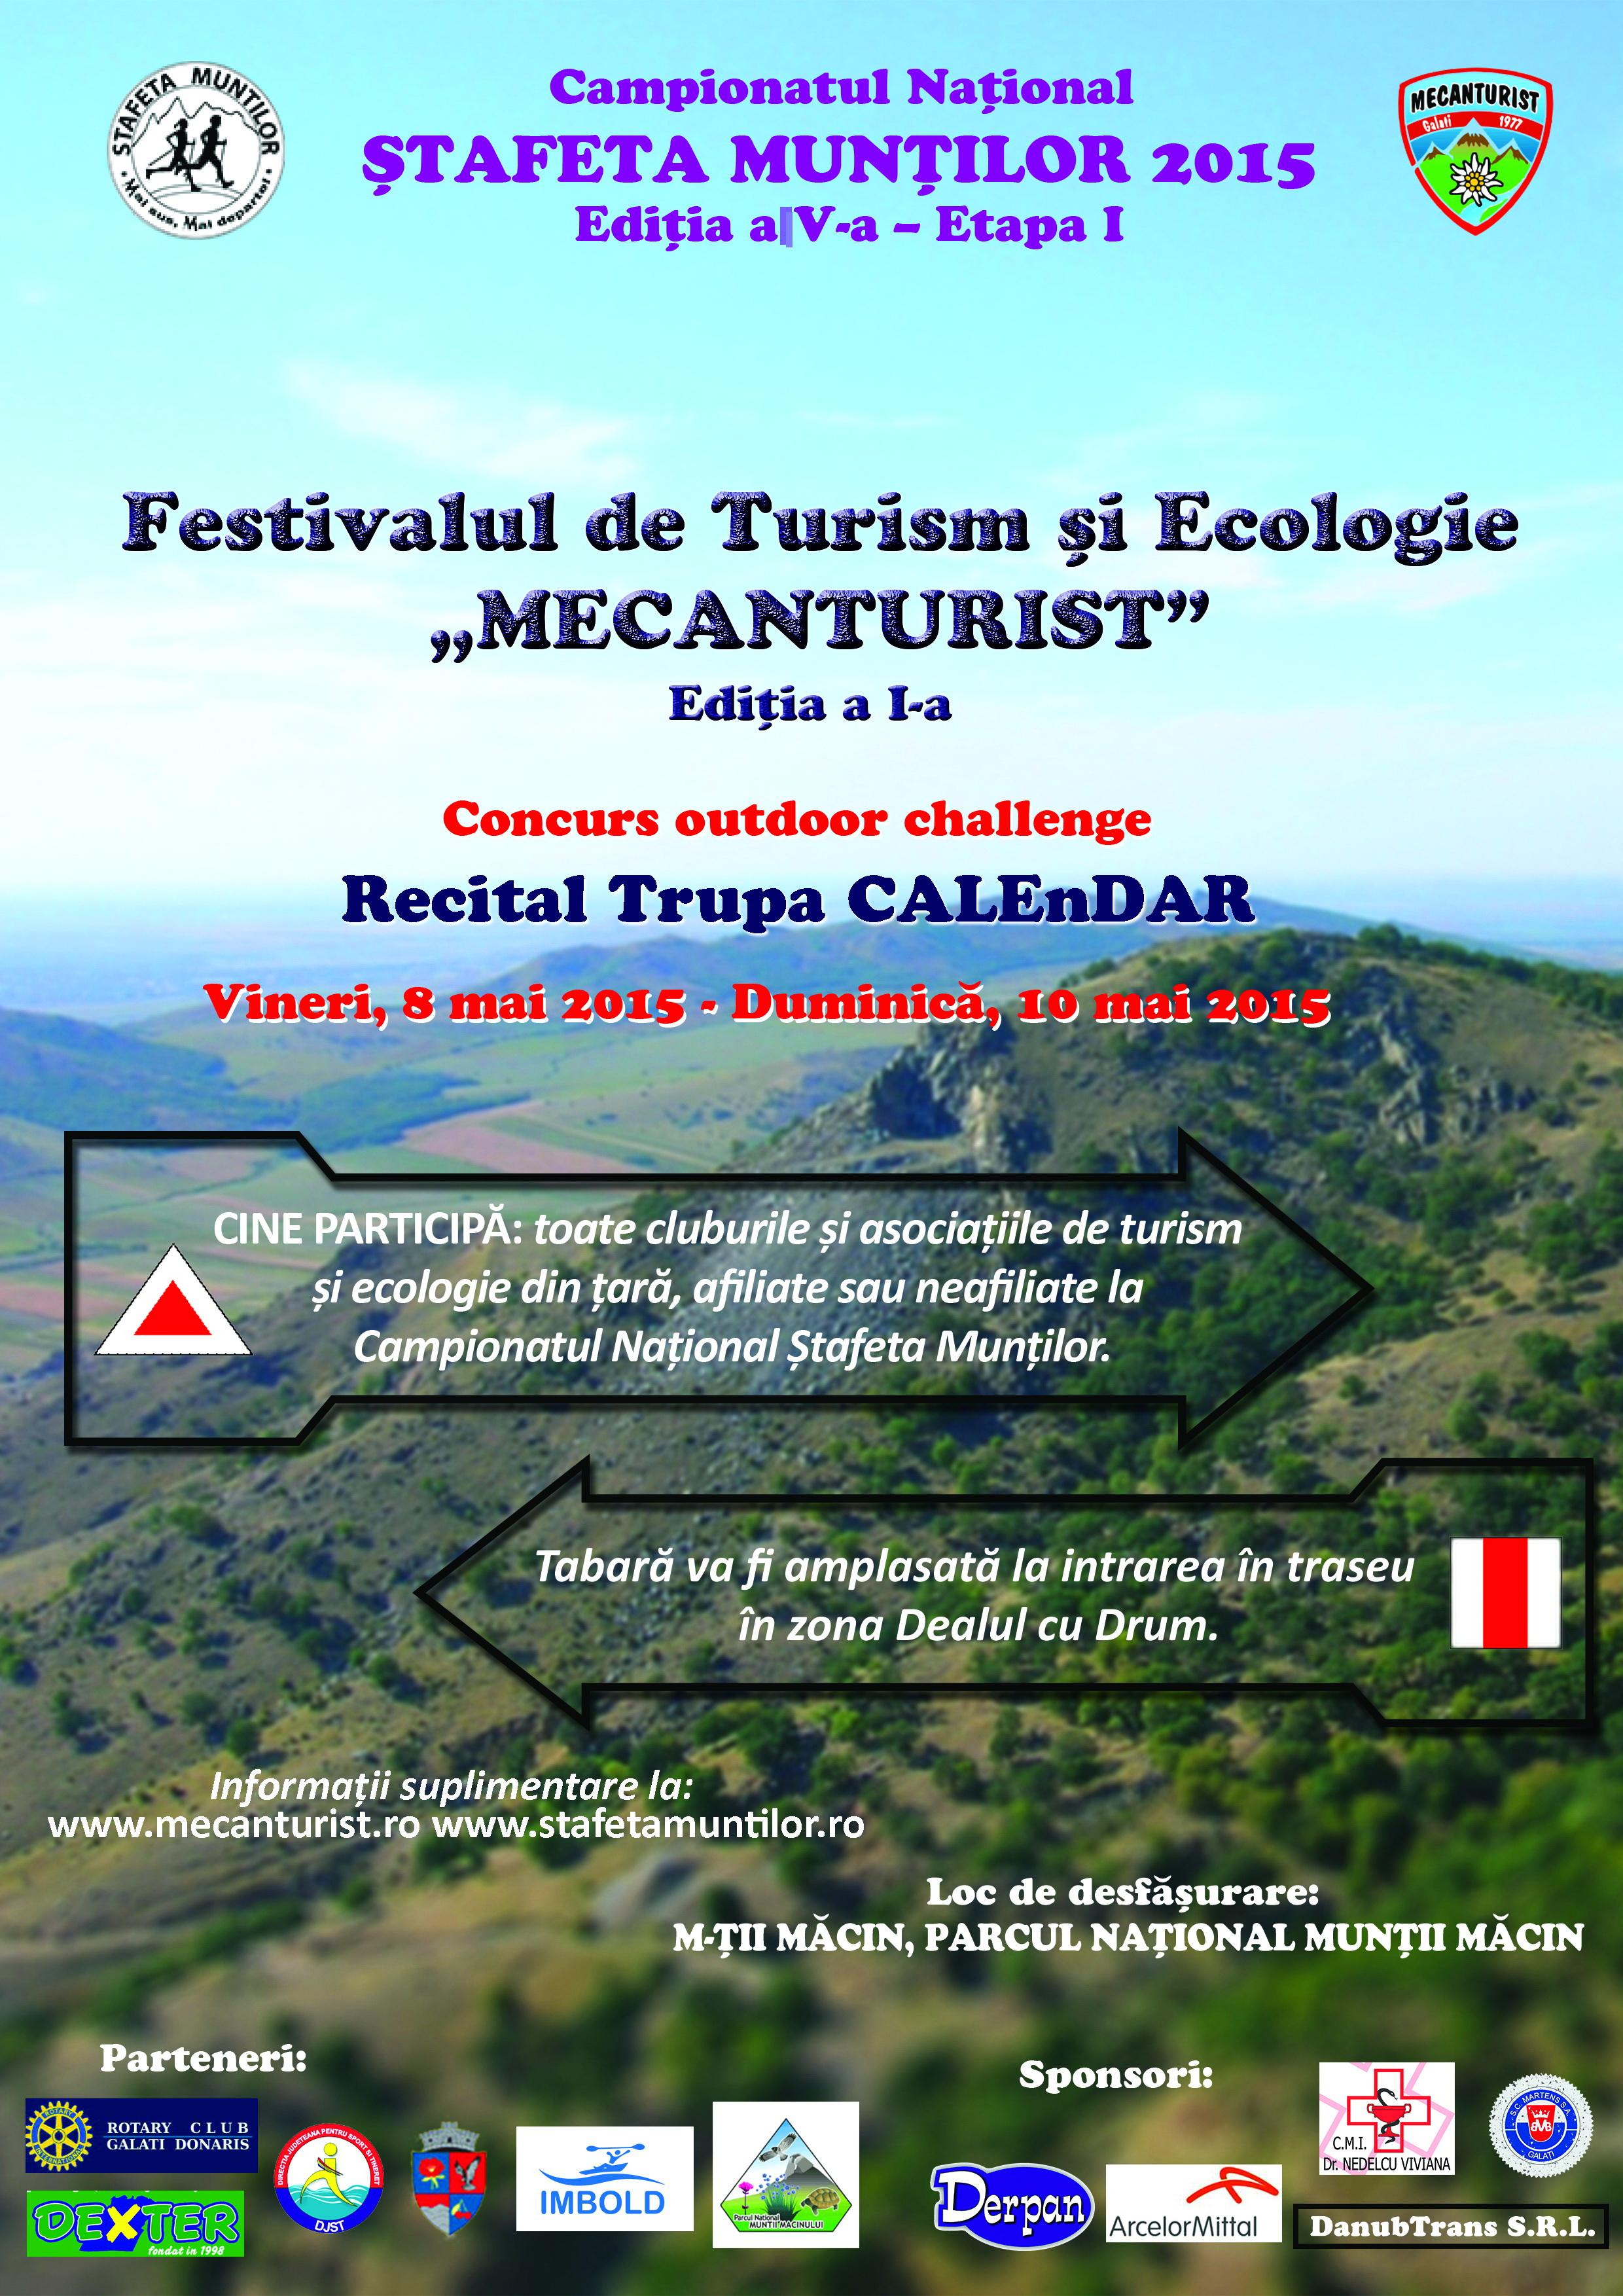 Festivalul de Turism si Ecoplogie -MECANTURIST